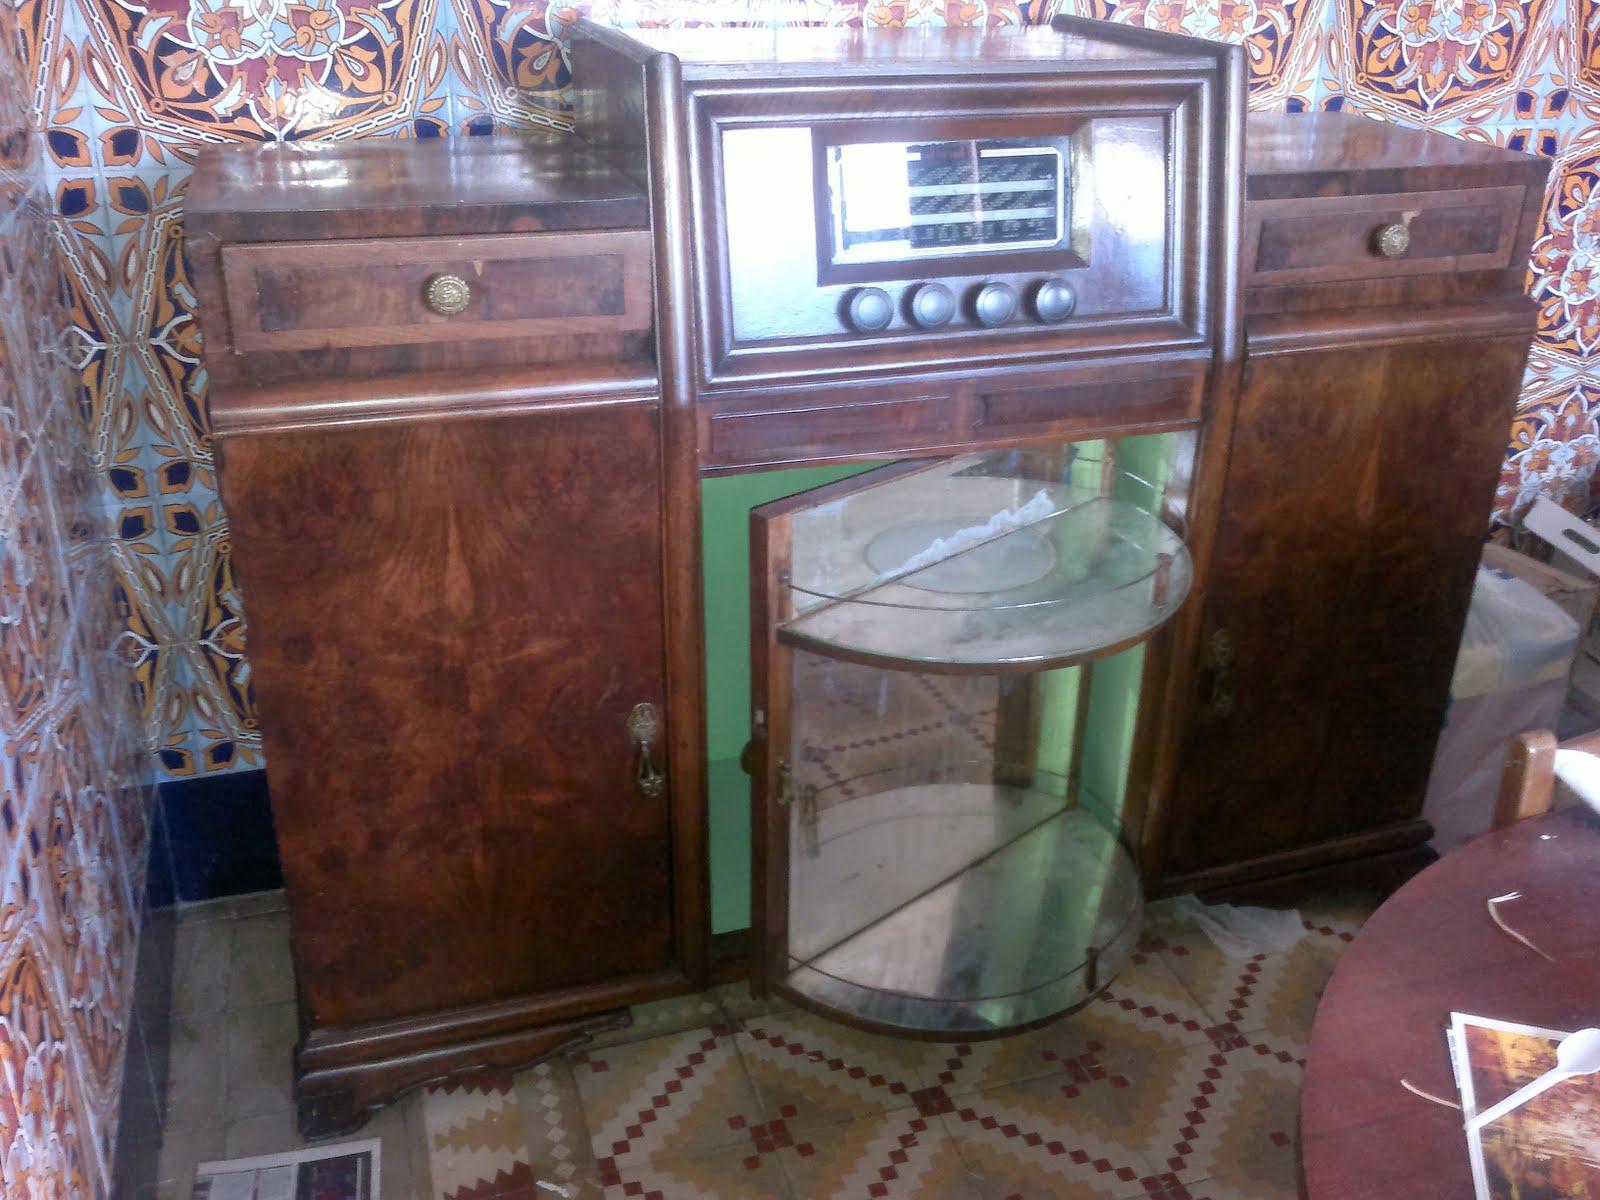 Venta De Muebles Antiguos Para Restaurar Ipdd Venta De Muebles Antiguos Para Restaurar Decoracion Mueble sofa